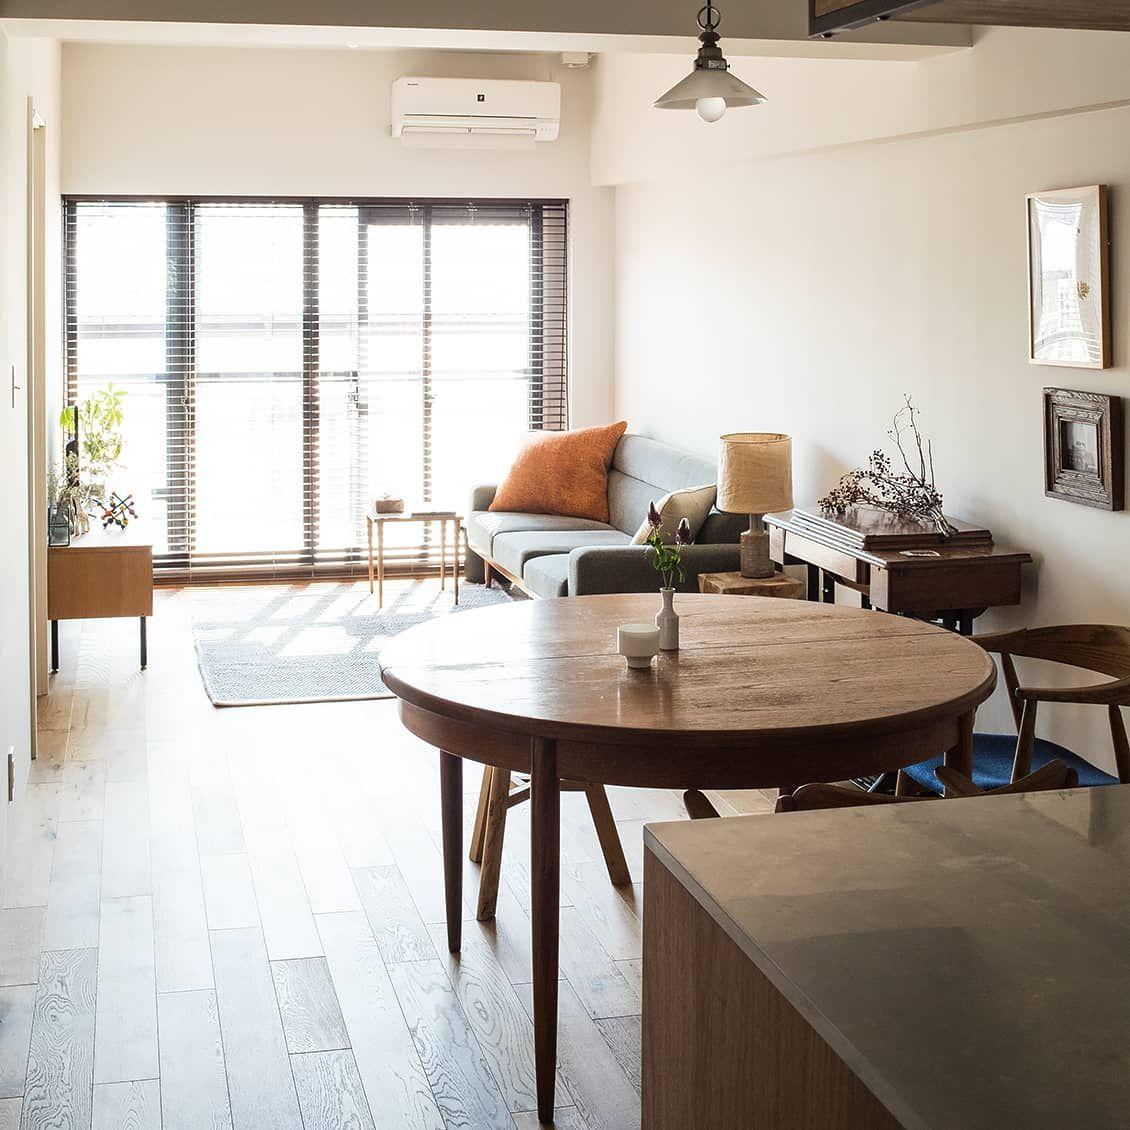 築40年でも快適に 家事がラクになる 動線 と 間取り のアイデア インテリア 家具 狭いリビング レイアウト ふたり暮らし インテリア